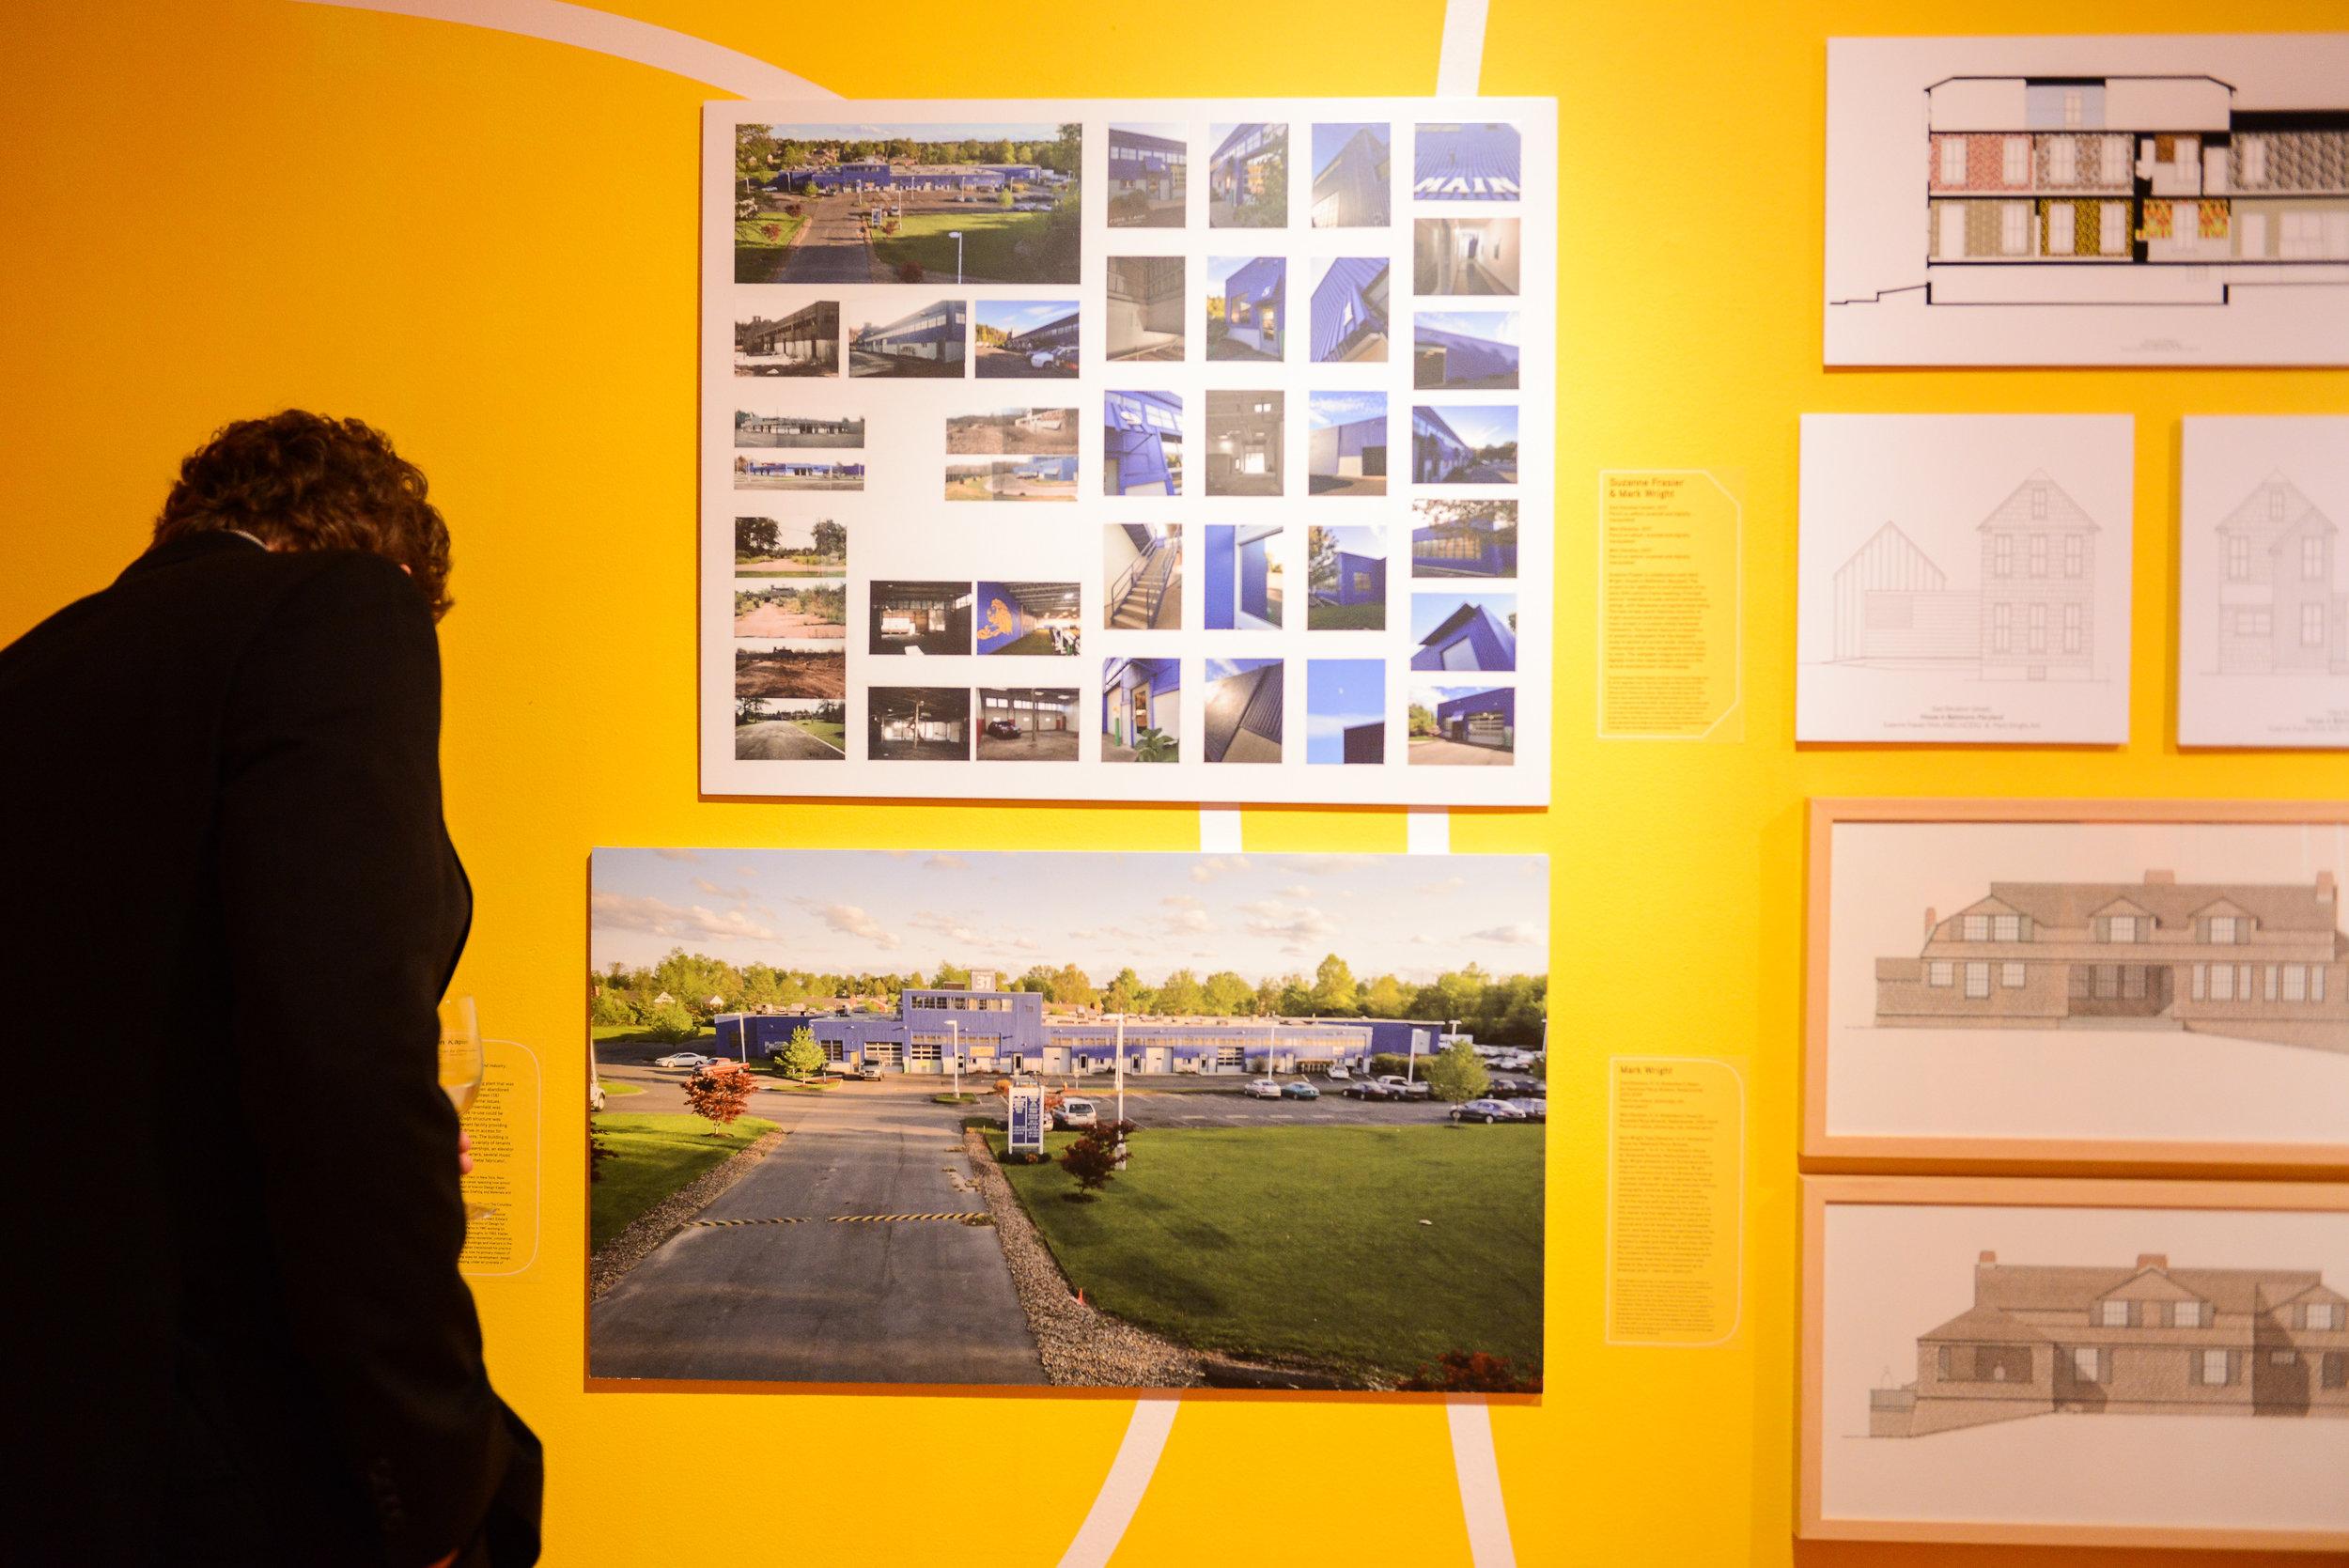 creative-scholarship-a-nysid-faculty-exhibition_36804083504_o[1].jpg